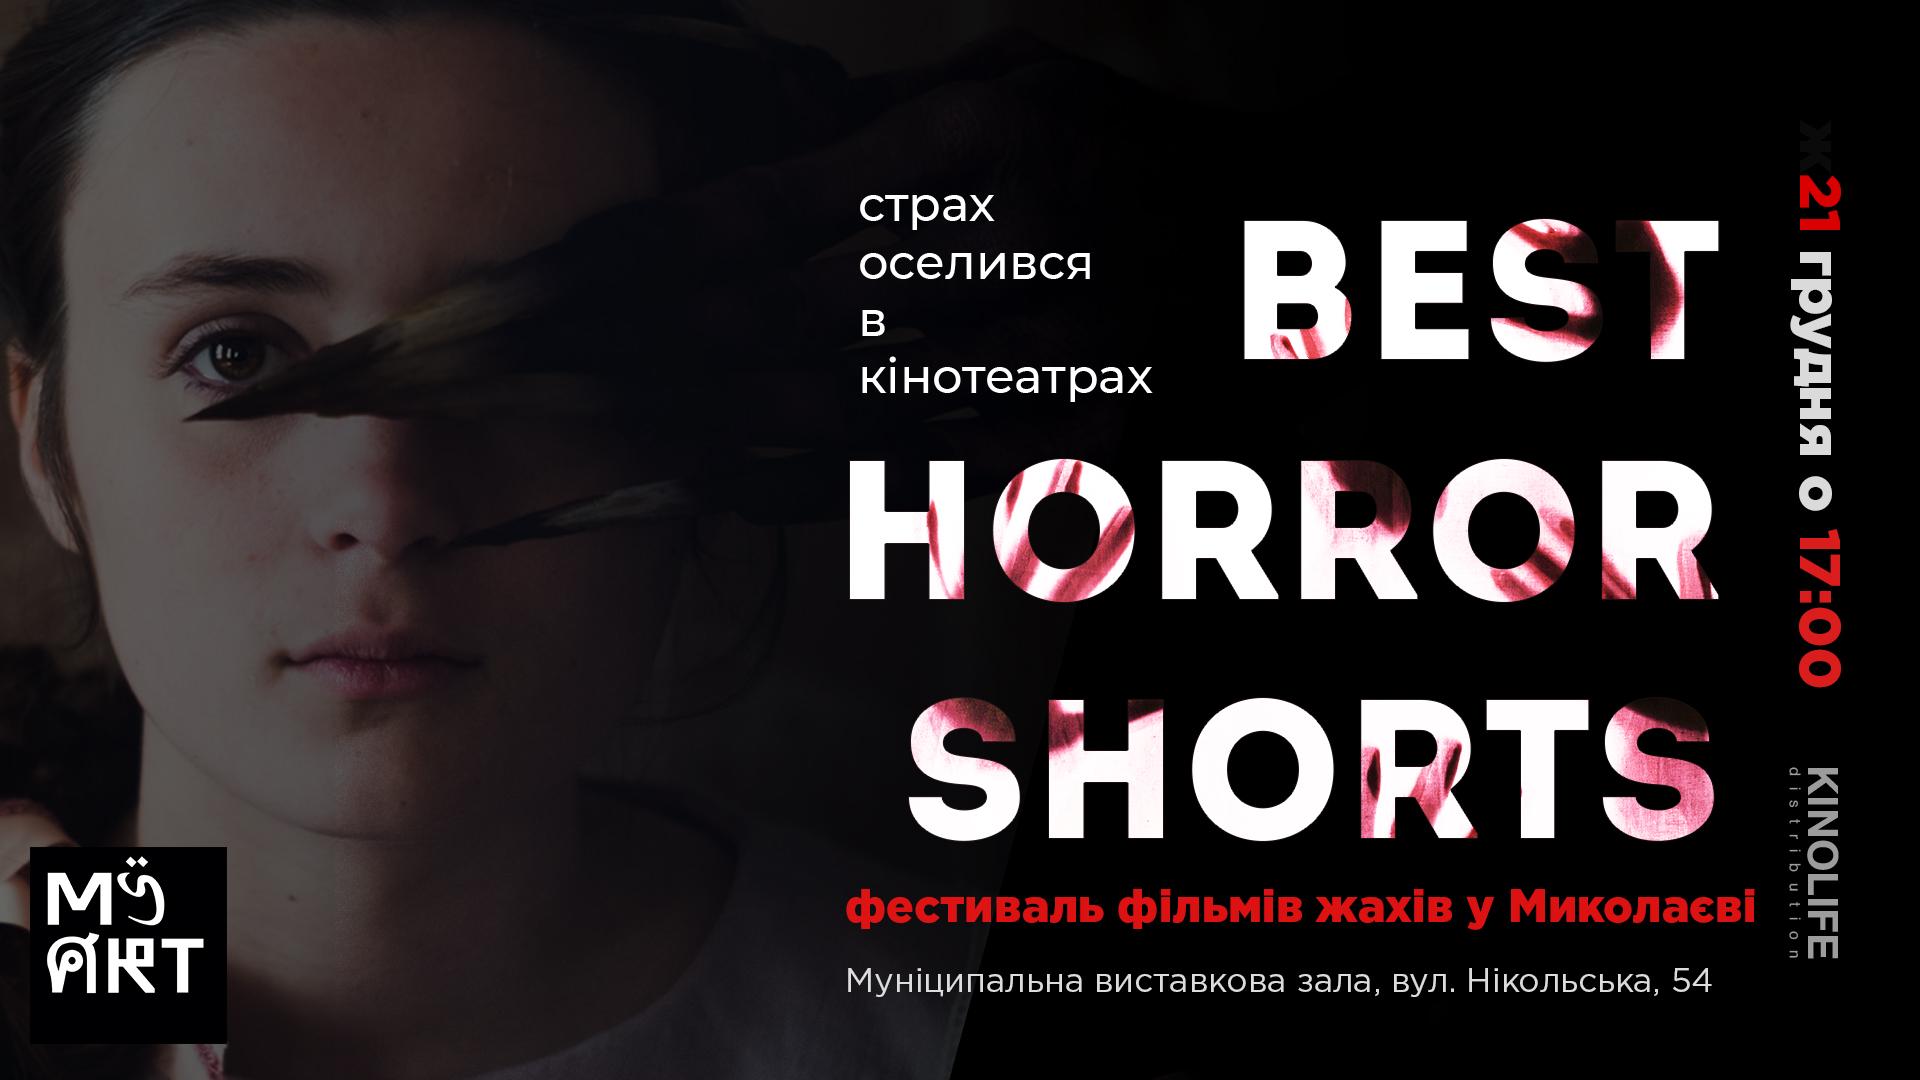 В Николаеве пройдет Фестиваль фильмов ужасов «BEST HORROR SHORTS 2019»